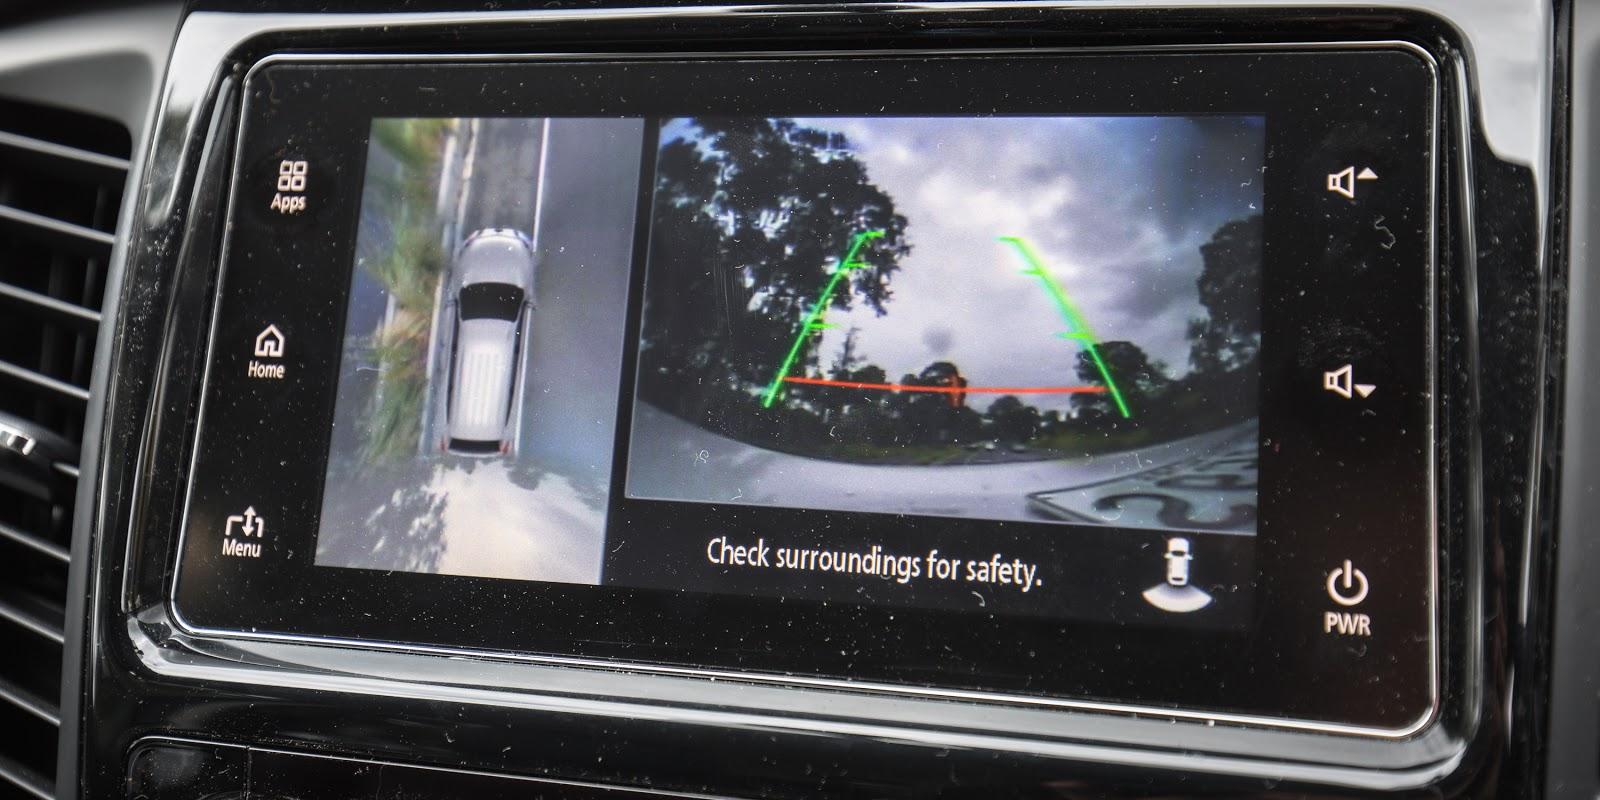 Tính năng hỗ trợ quan sát và giả lập 360 độ trên xe rất thuận tiện